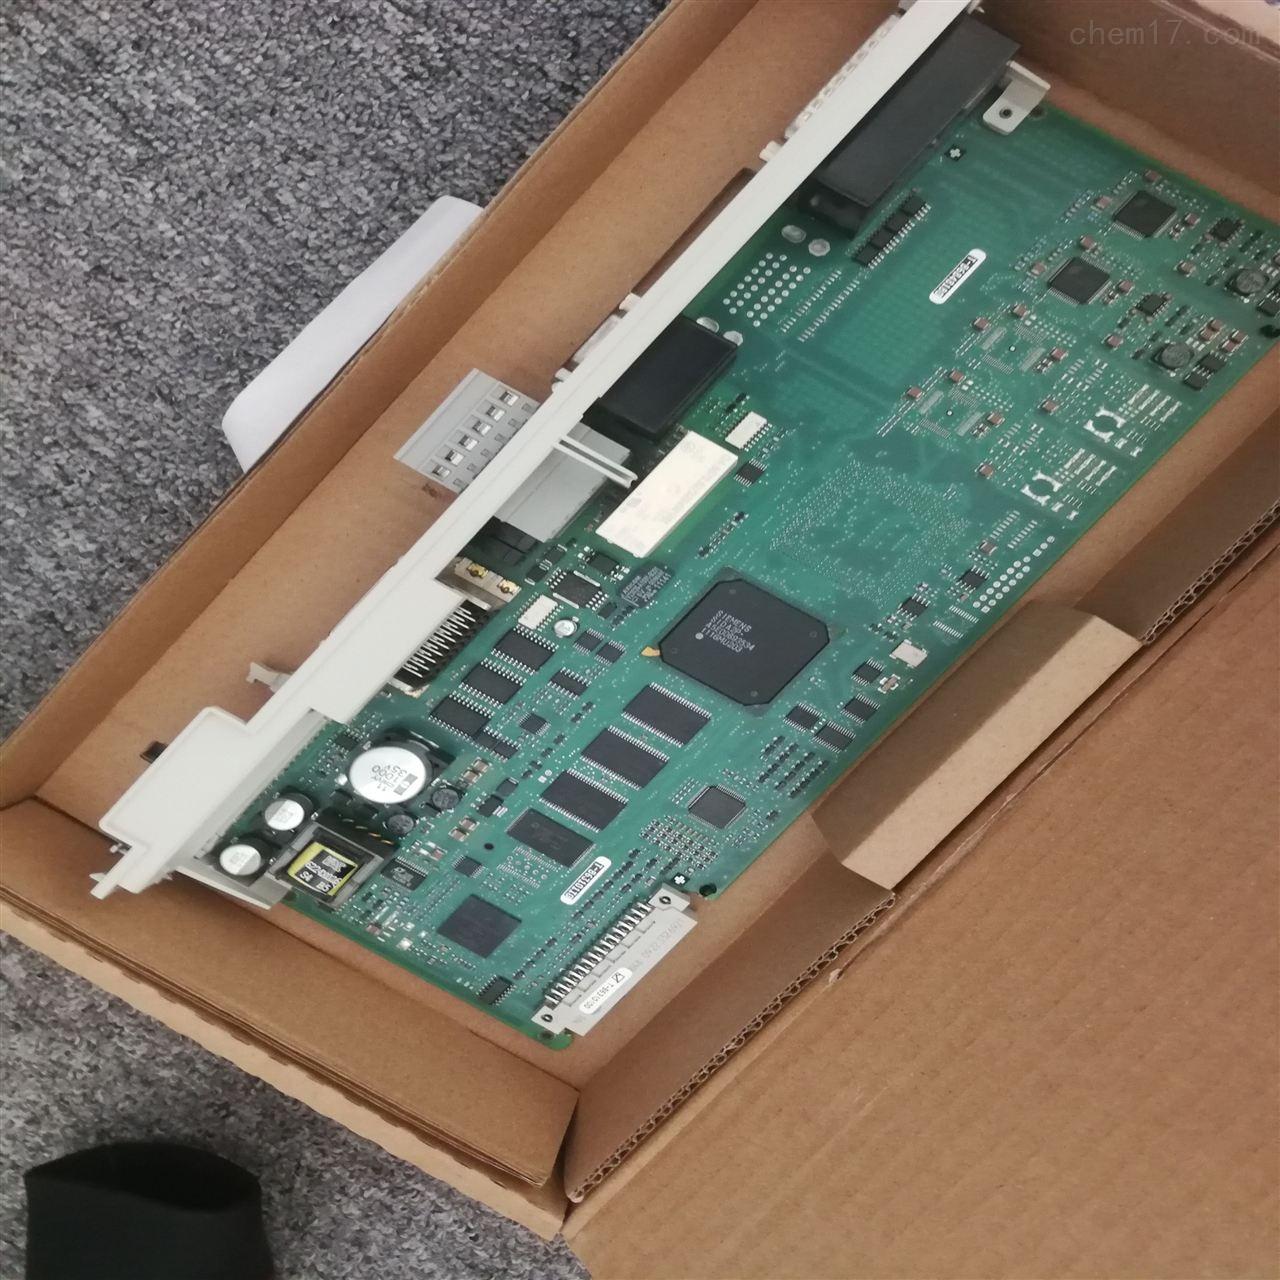 西门子数控设备6SL3120-1TE21-8AC0调试